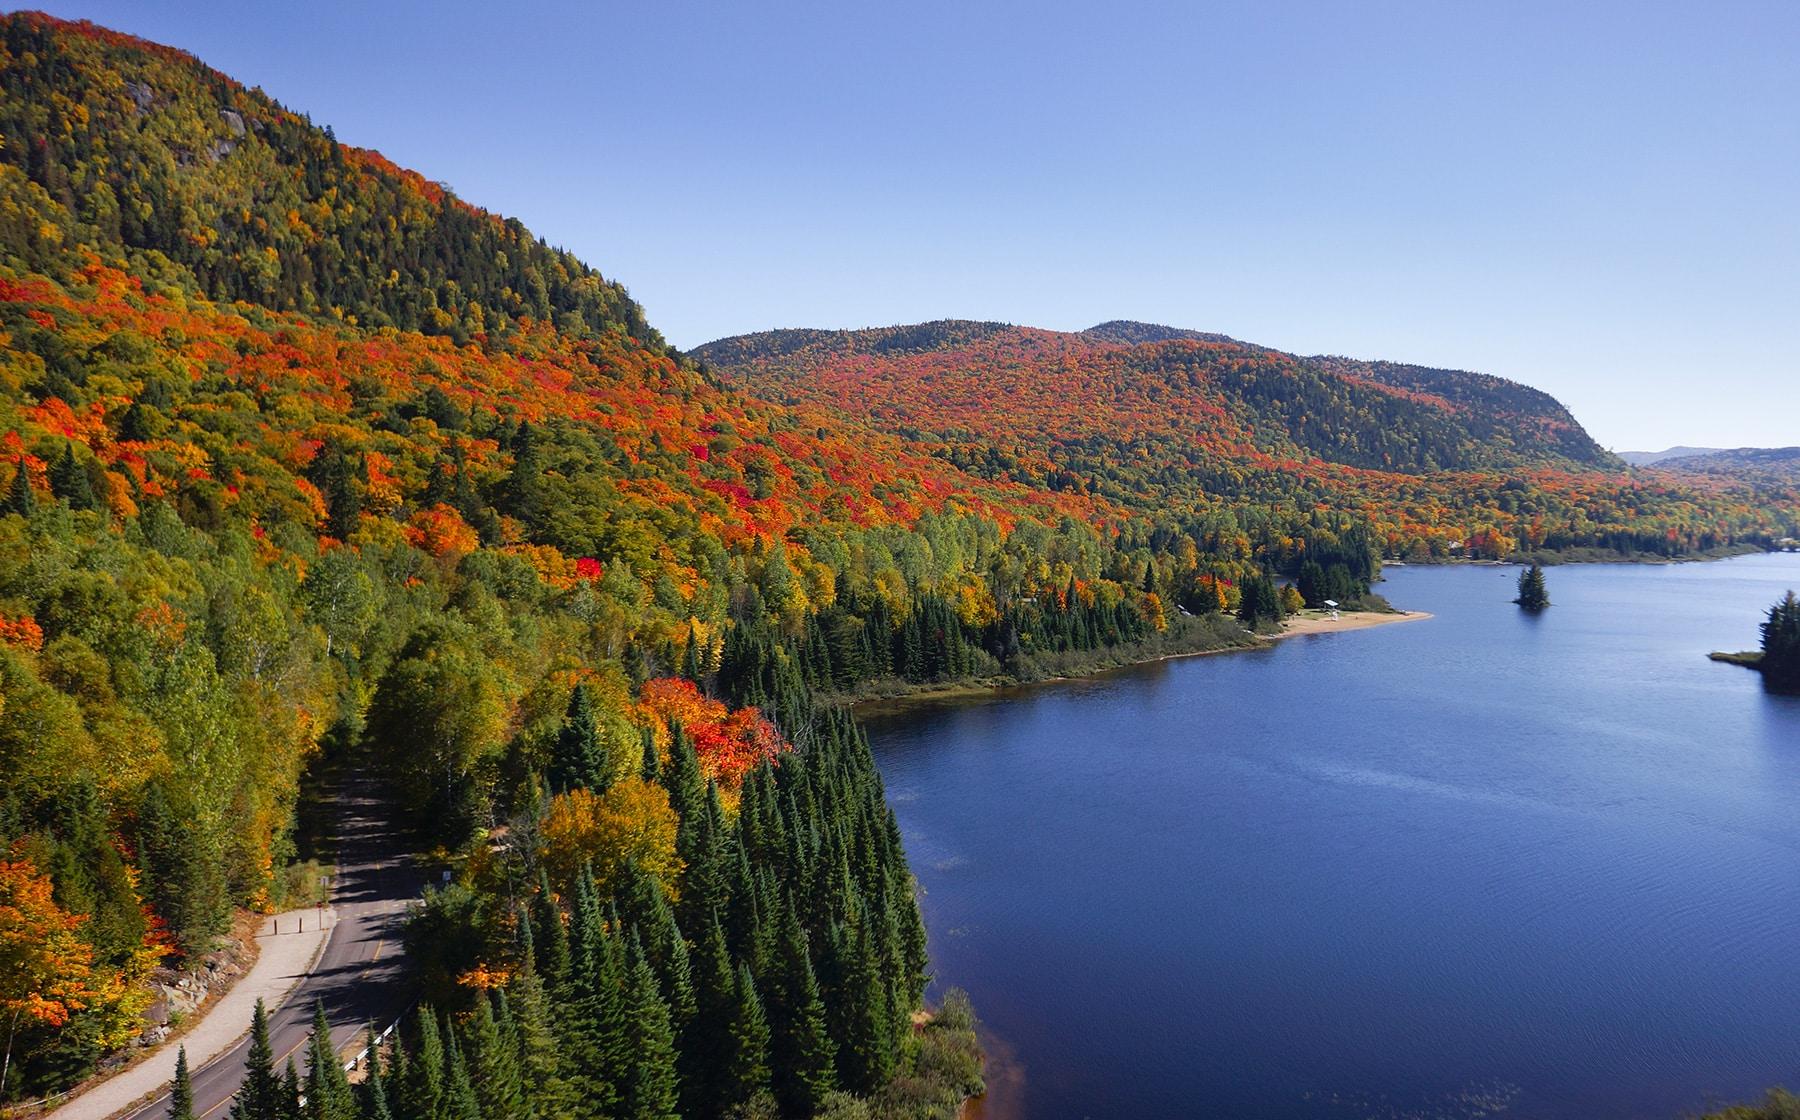 automne-tourisme-laurentides-quebec-le-mag